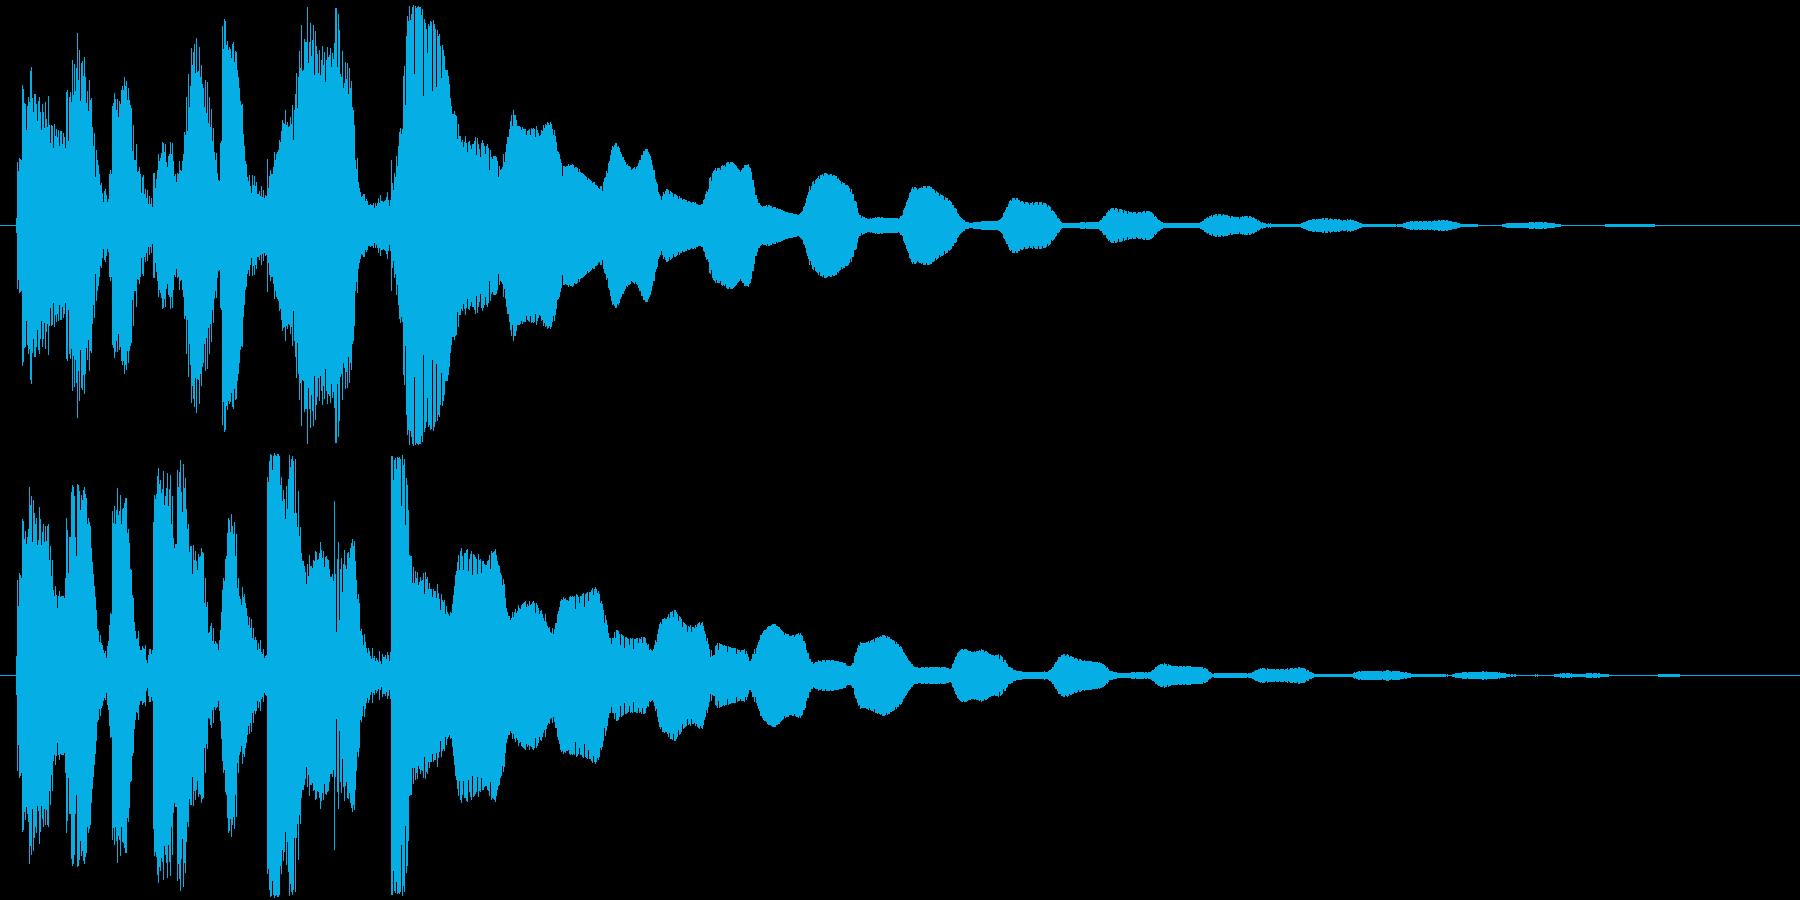 ジングル用途に制作しました。エレピです…の再生済みの波形